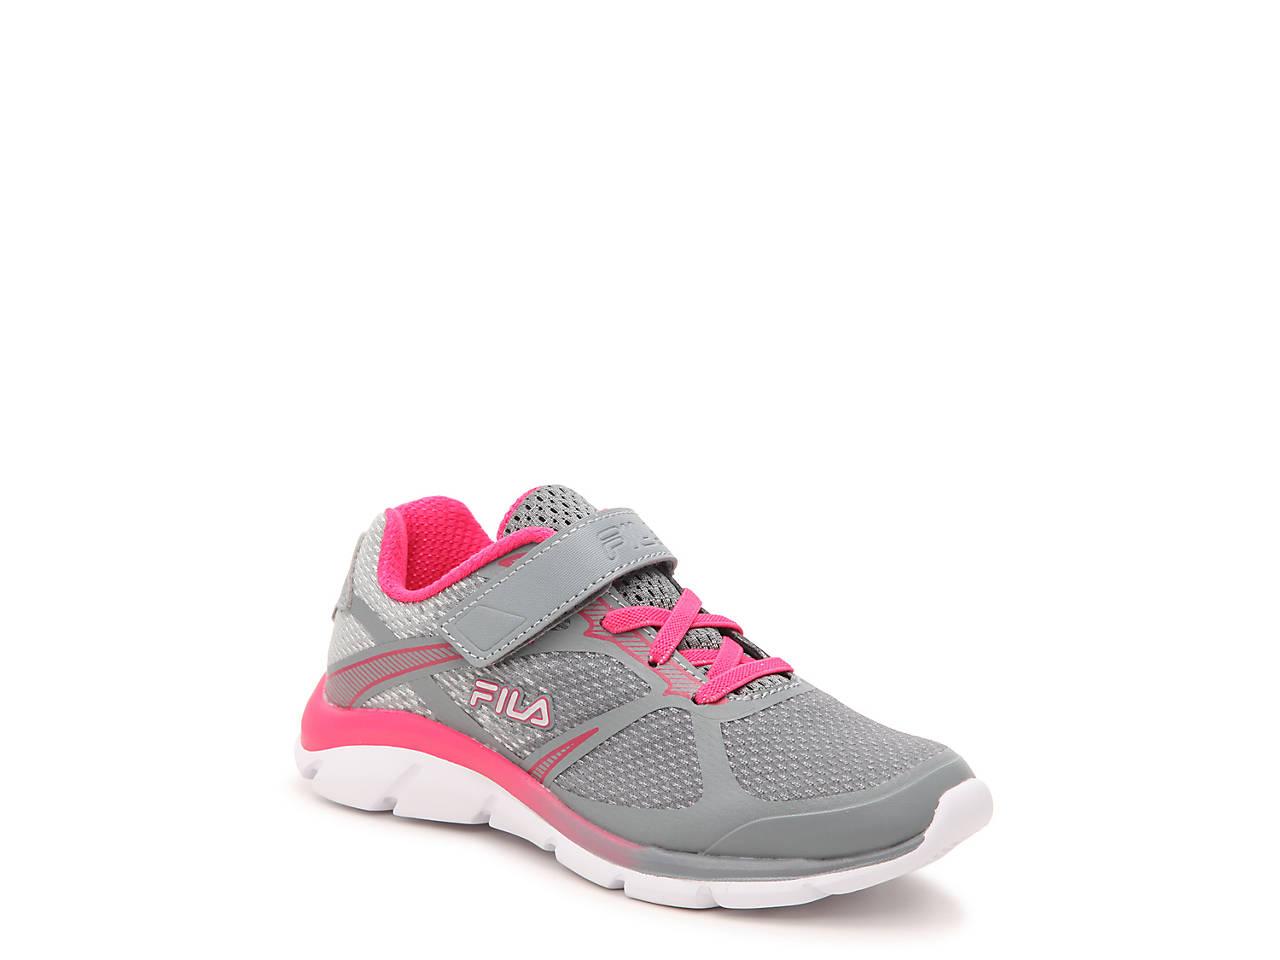 Fila Primeforce 3 Sneaker Kids' Kids Shoes DSW  DSW